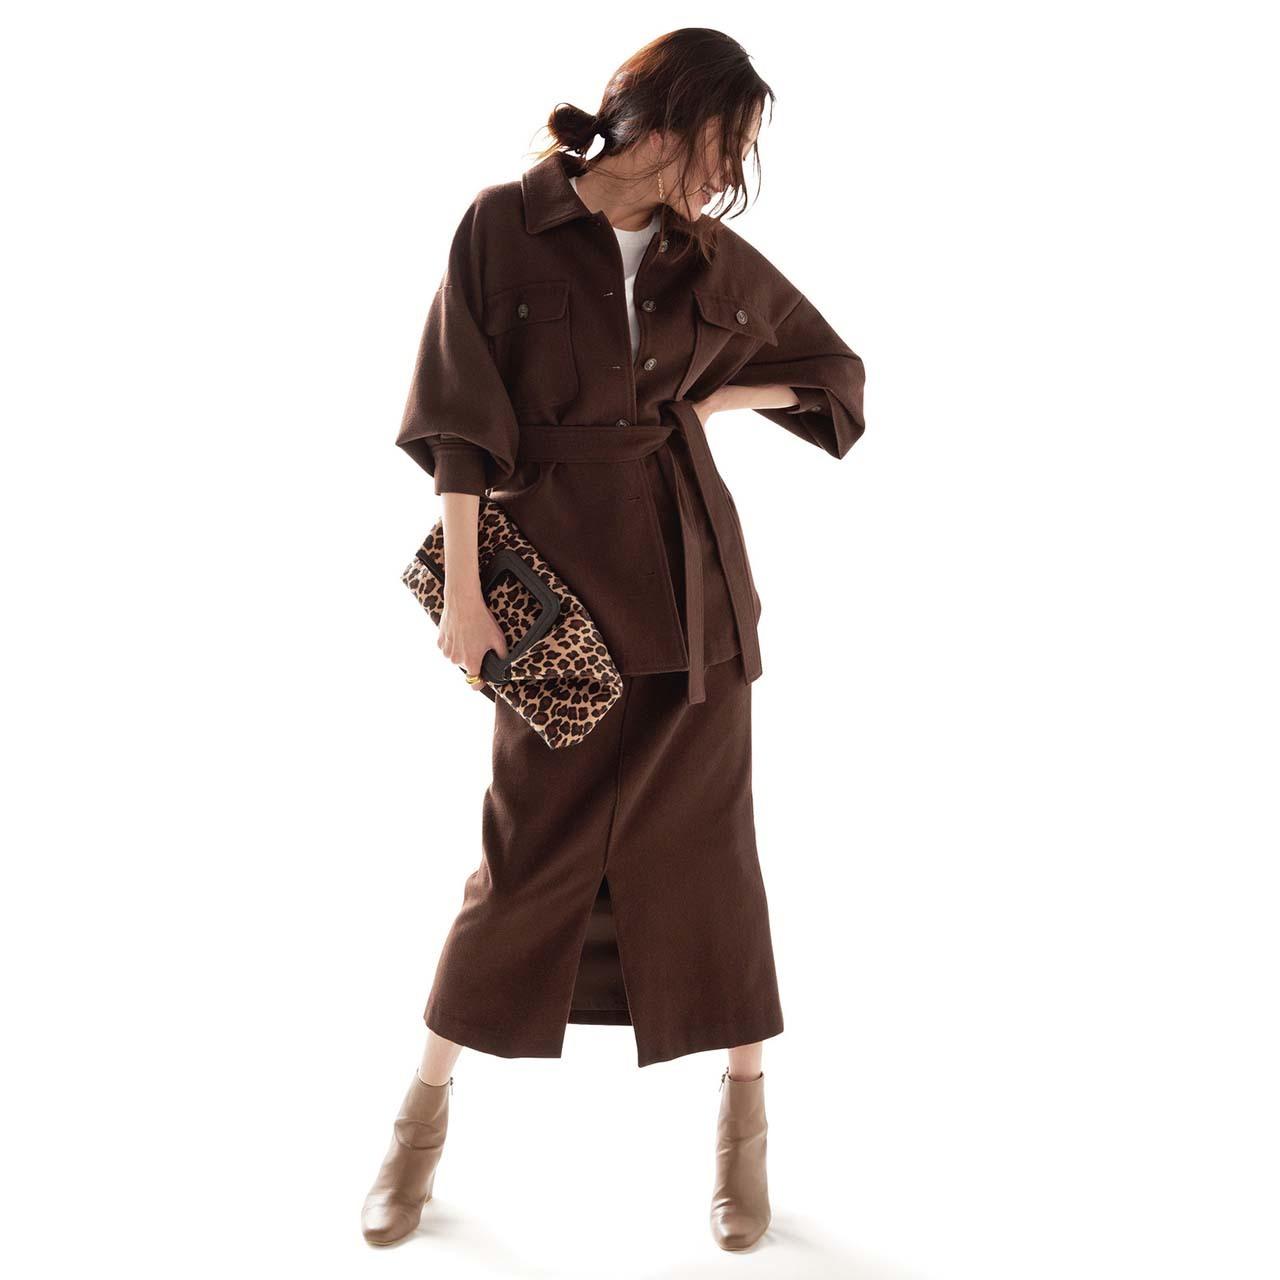 セットアップ×白Tシャツ×ショートブーツコーデを着たモデルの内田ナナさん